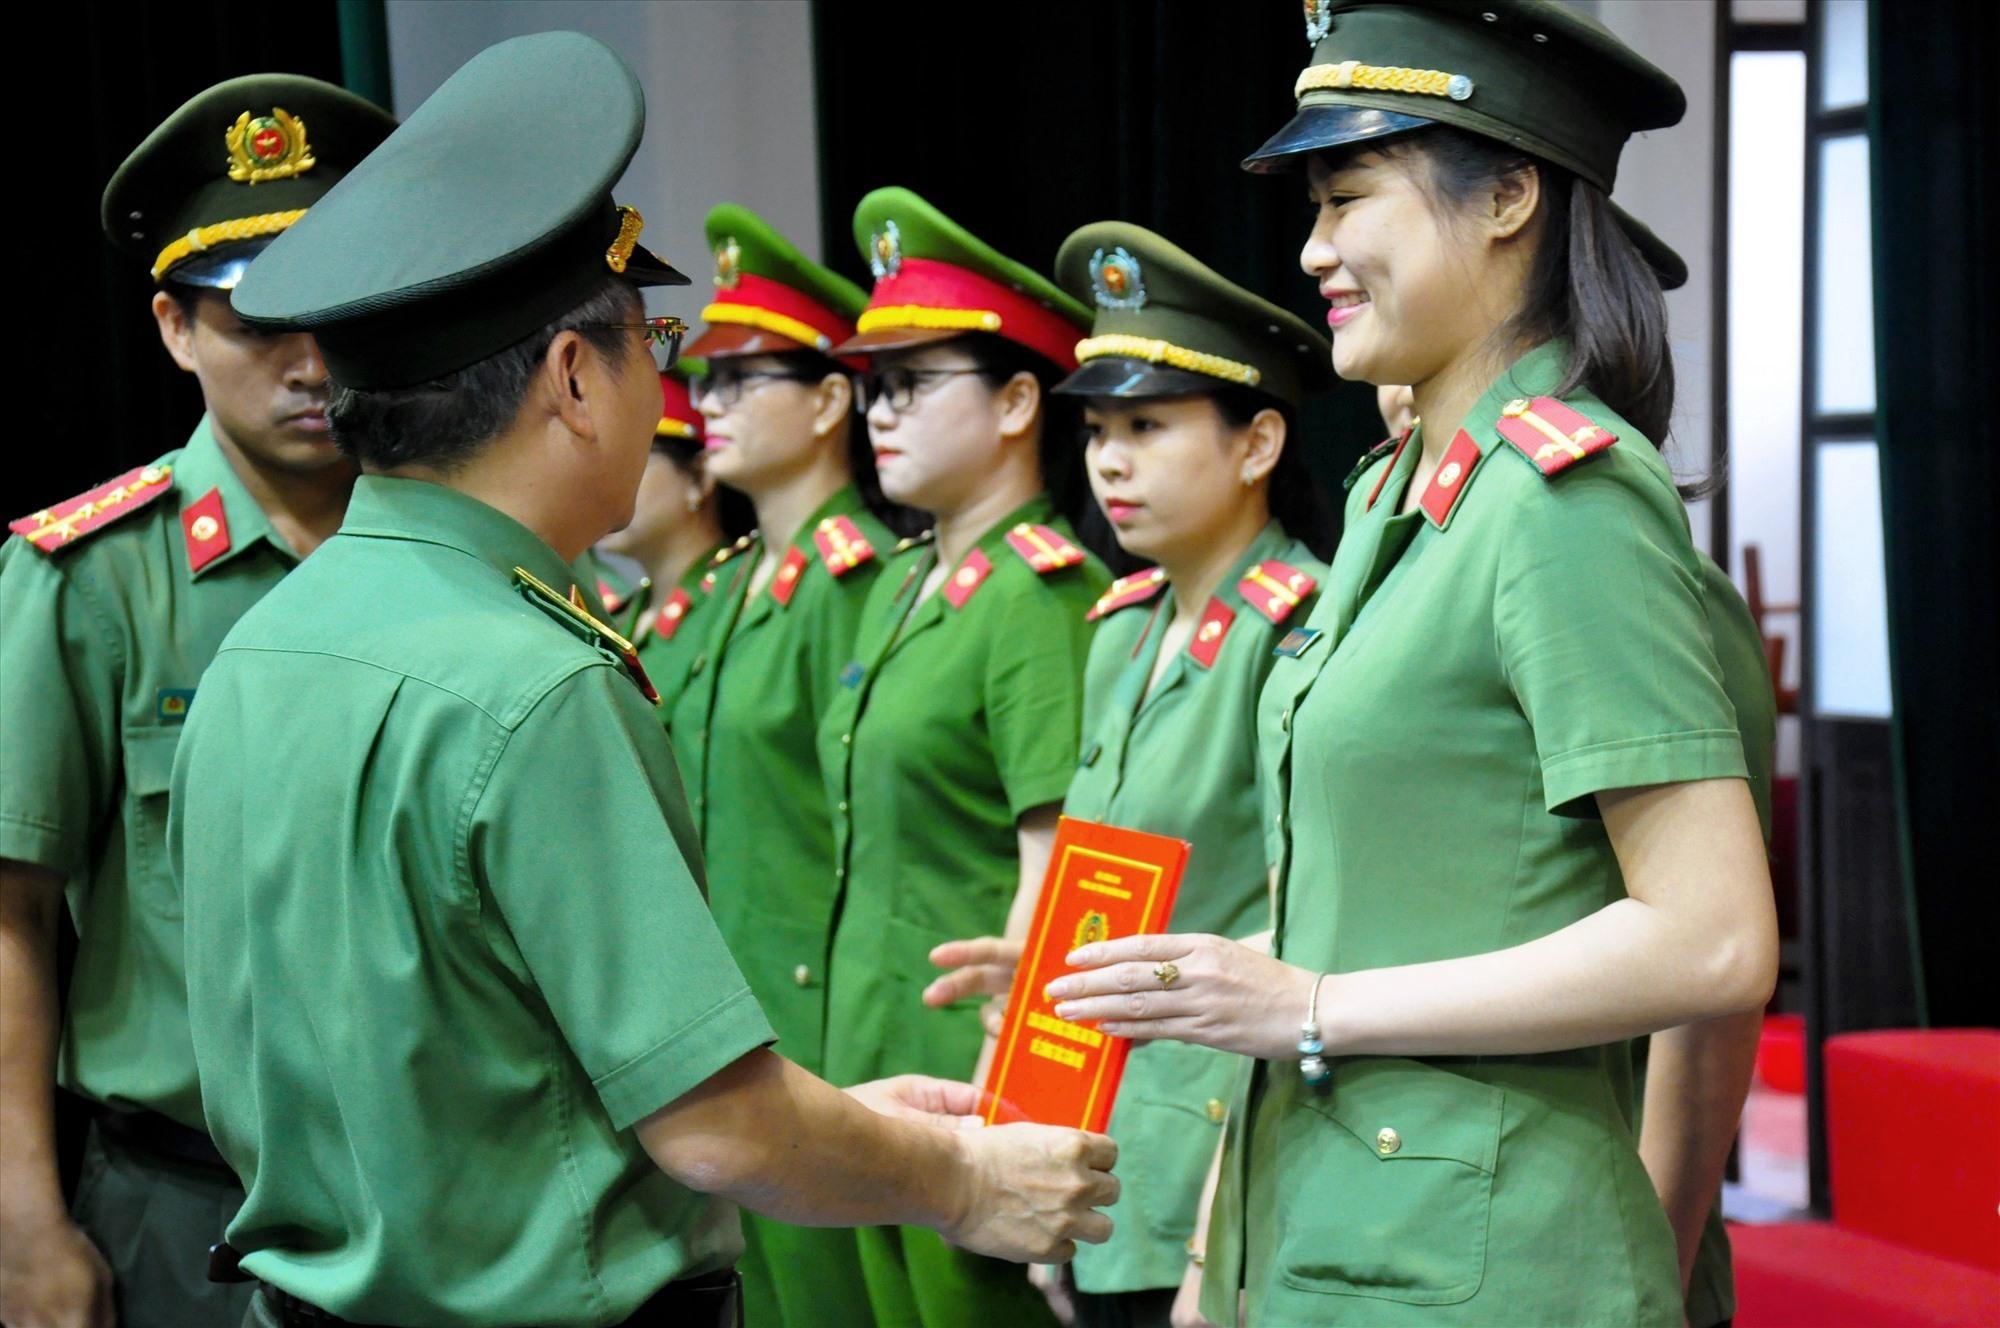 Thiếu tướng Nguyễn Đức Dũng trao quyết định cho các cán bộ được điều động. Ảnh: T.C